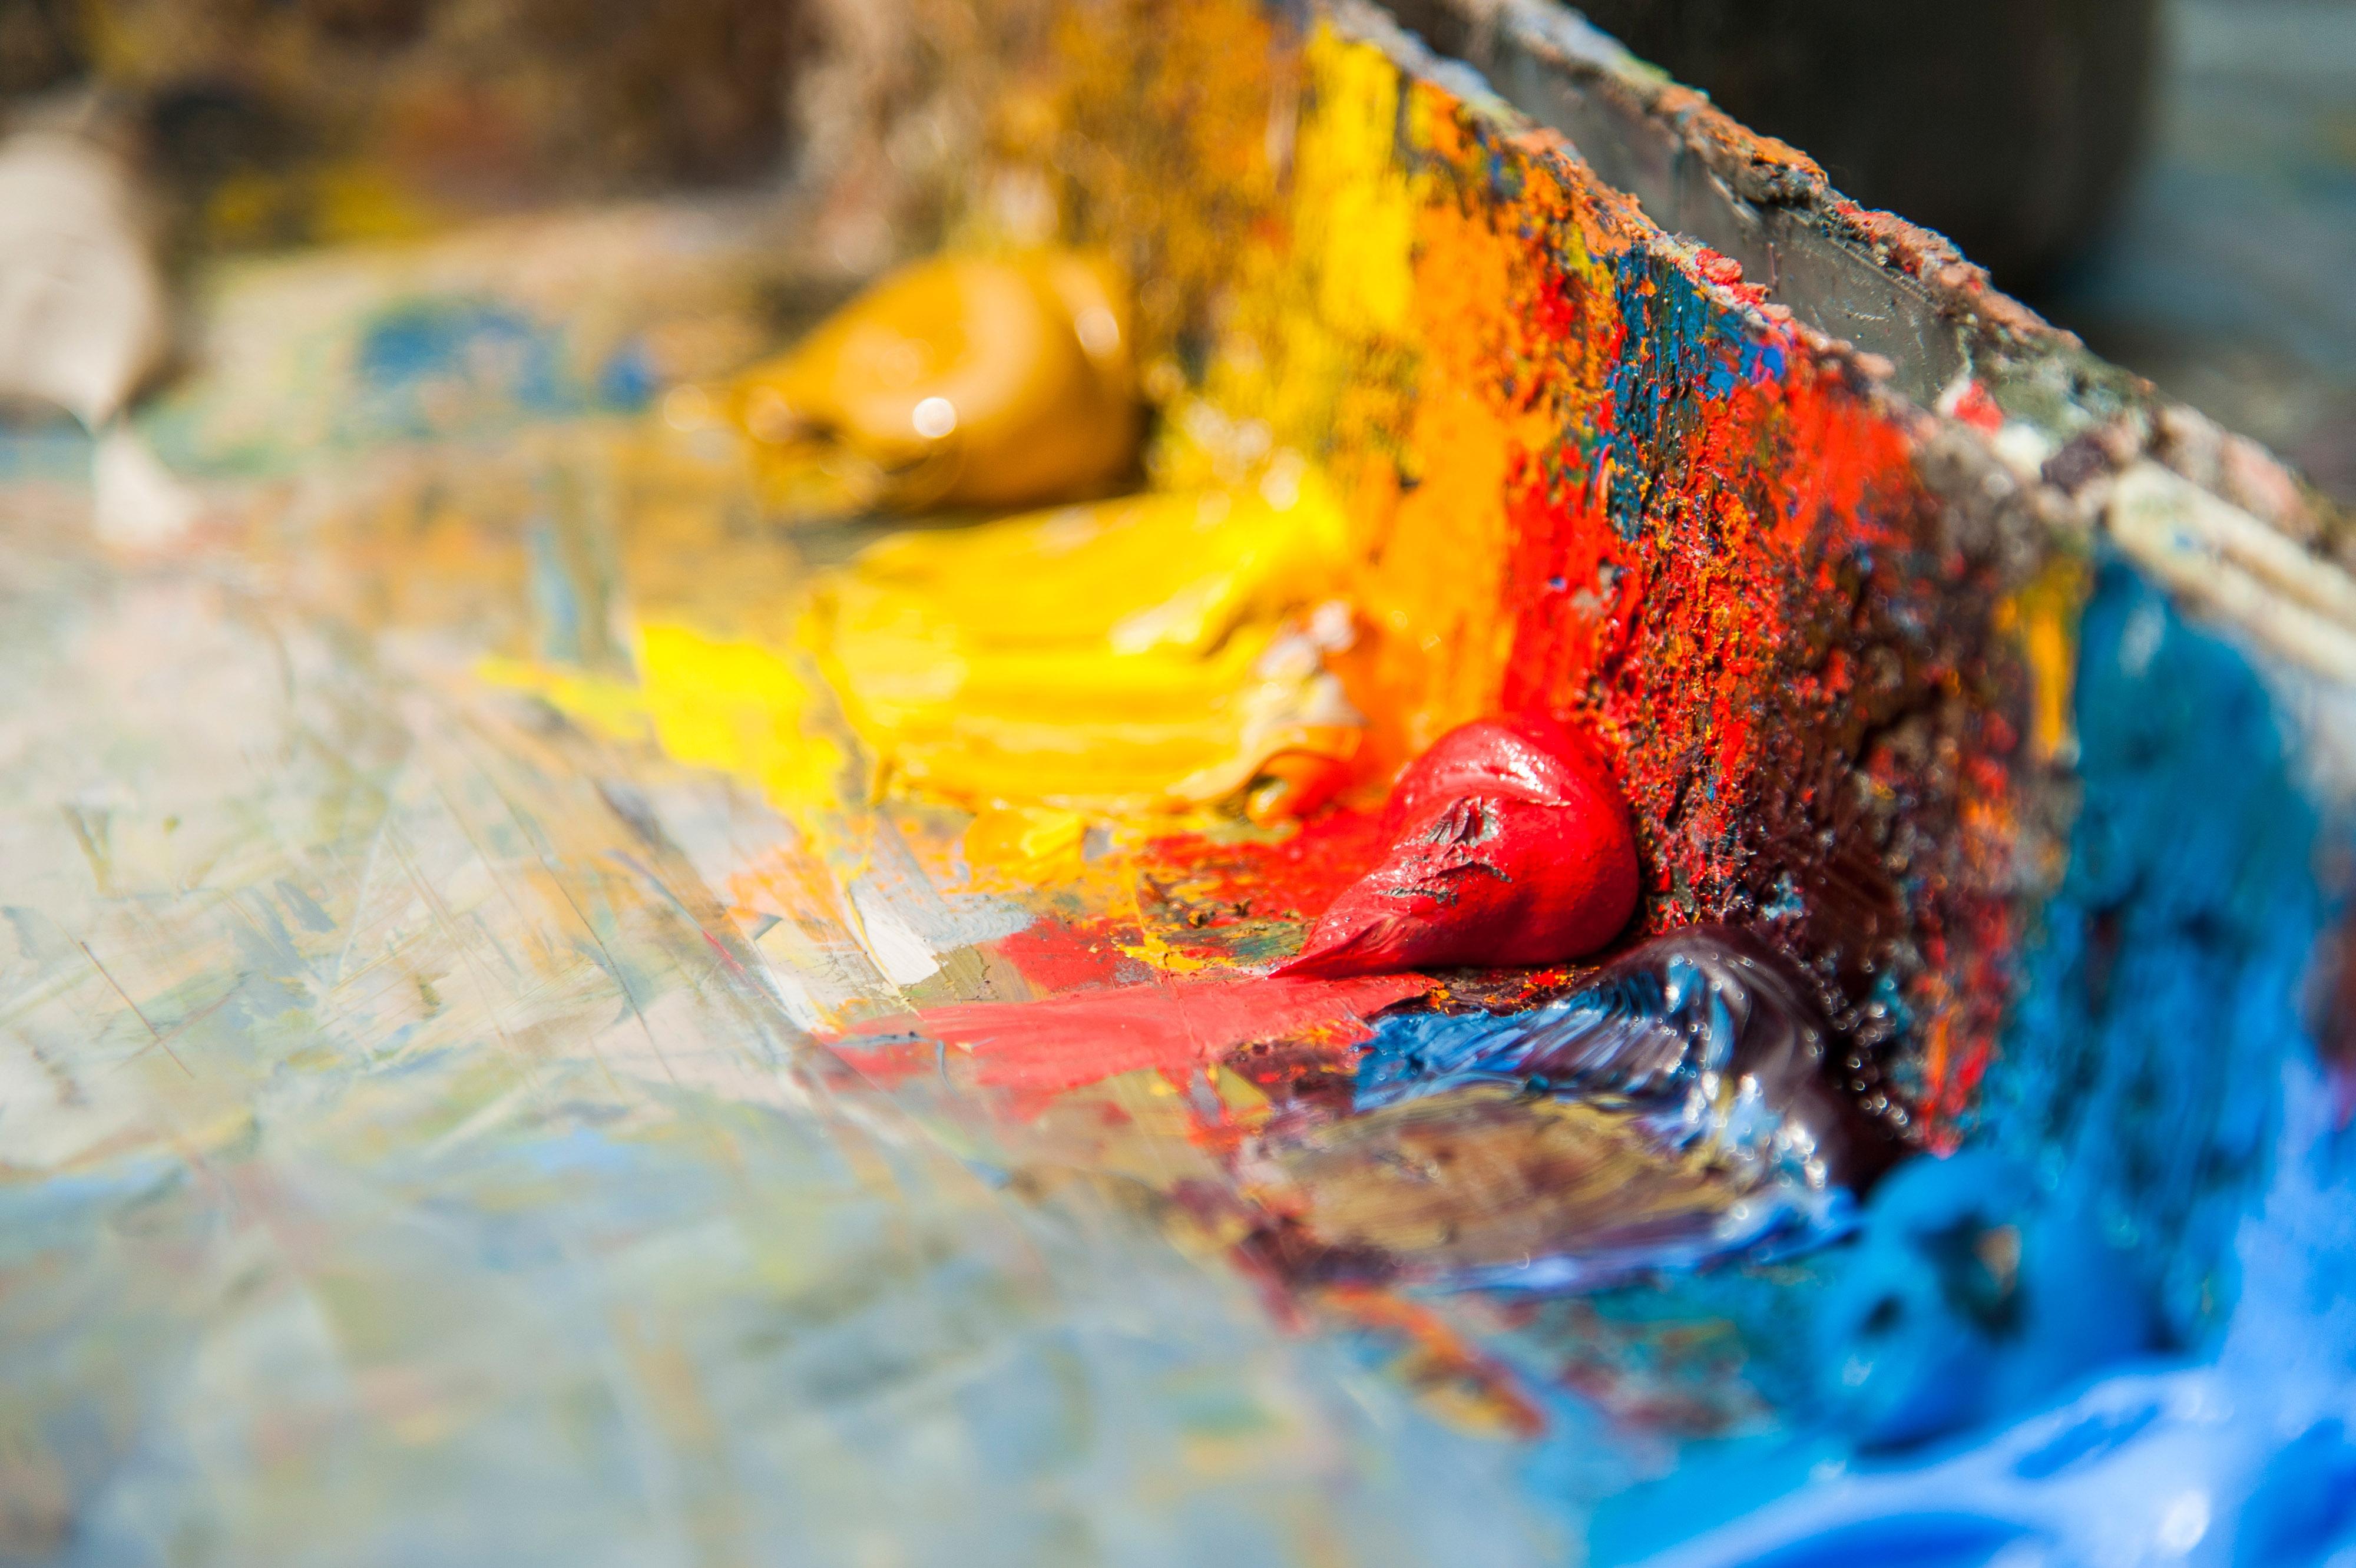 Abbildung von Farbpasten in kräftigen Tönen, blau, rot und gelb